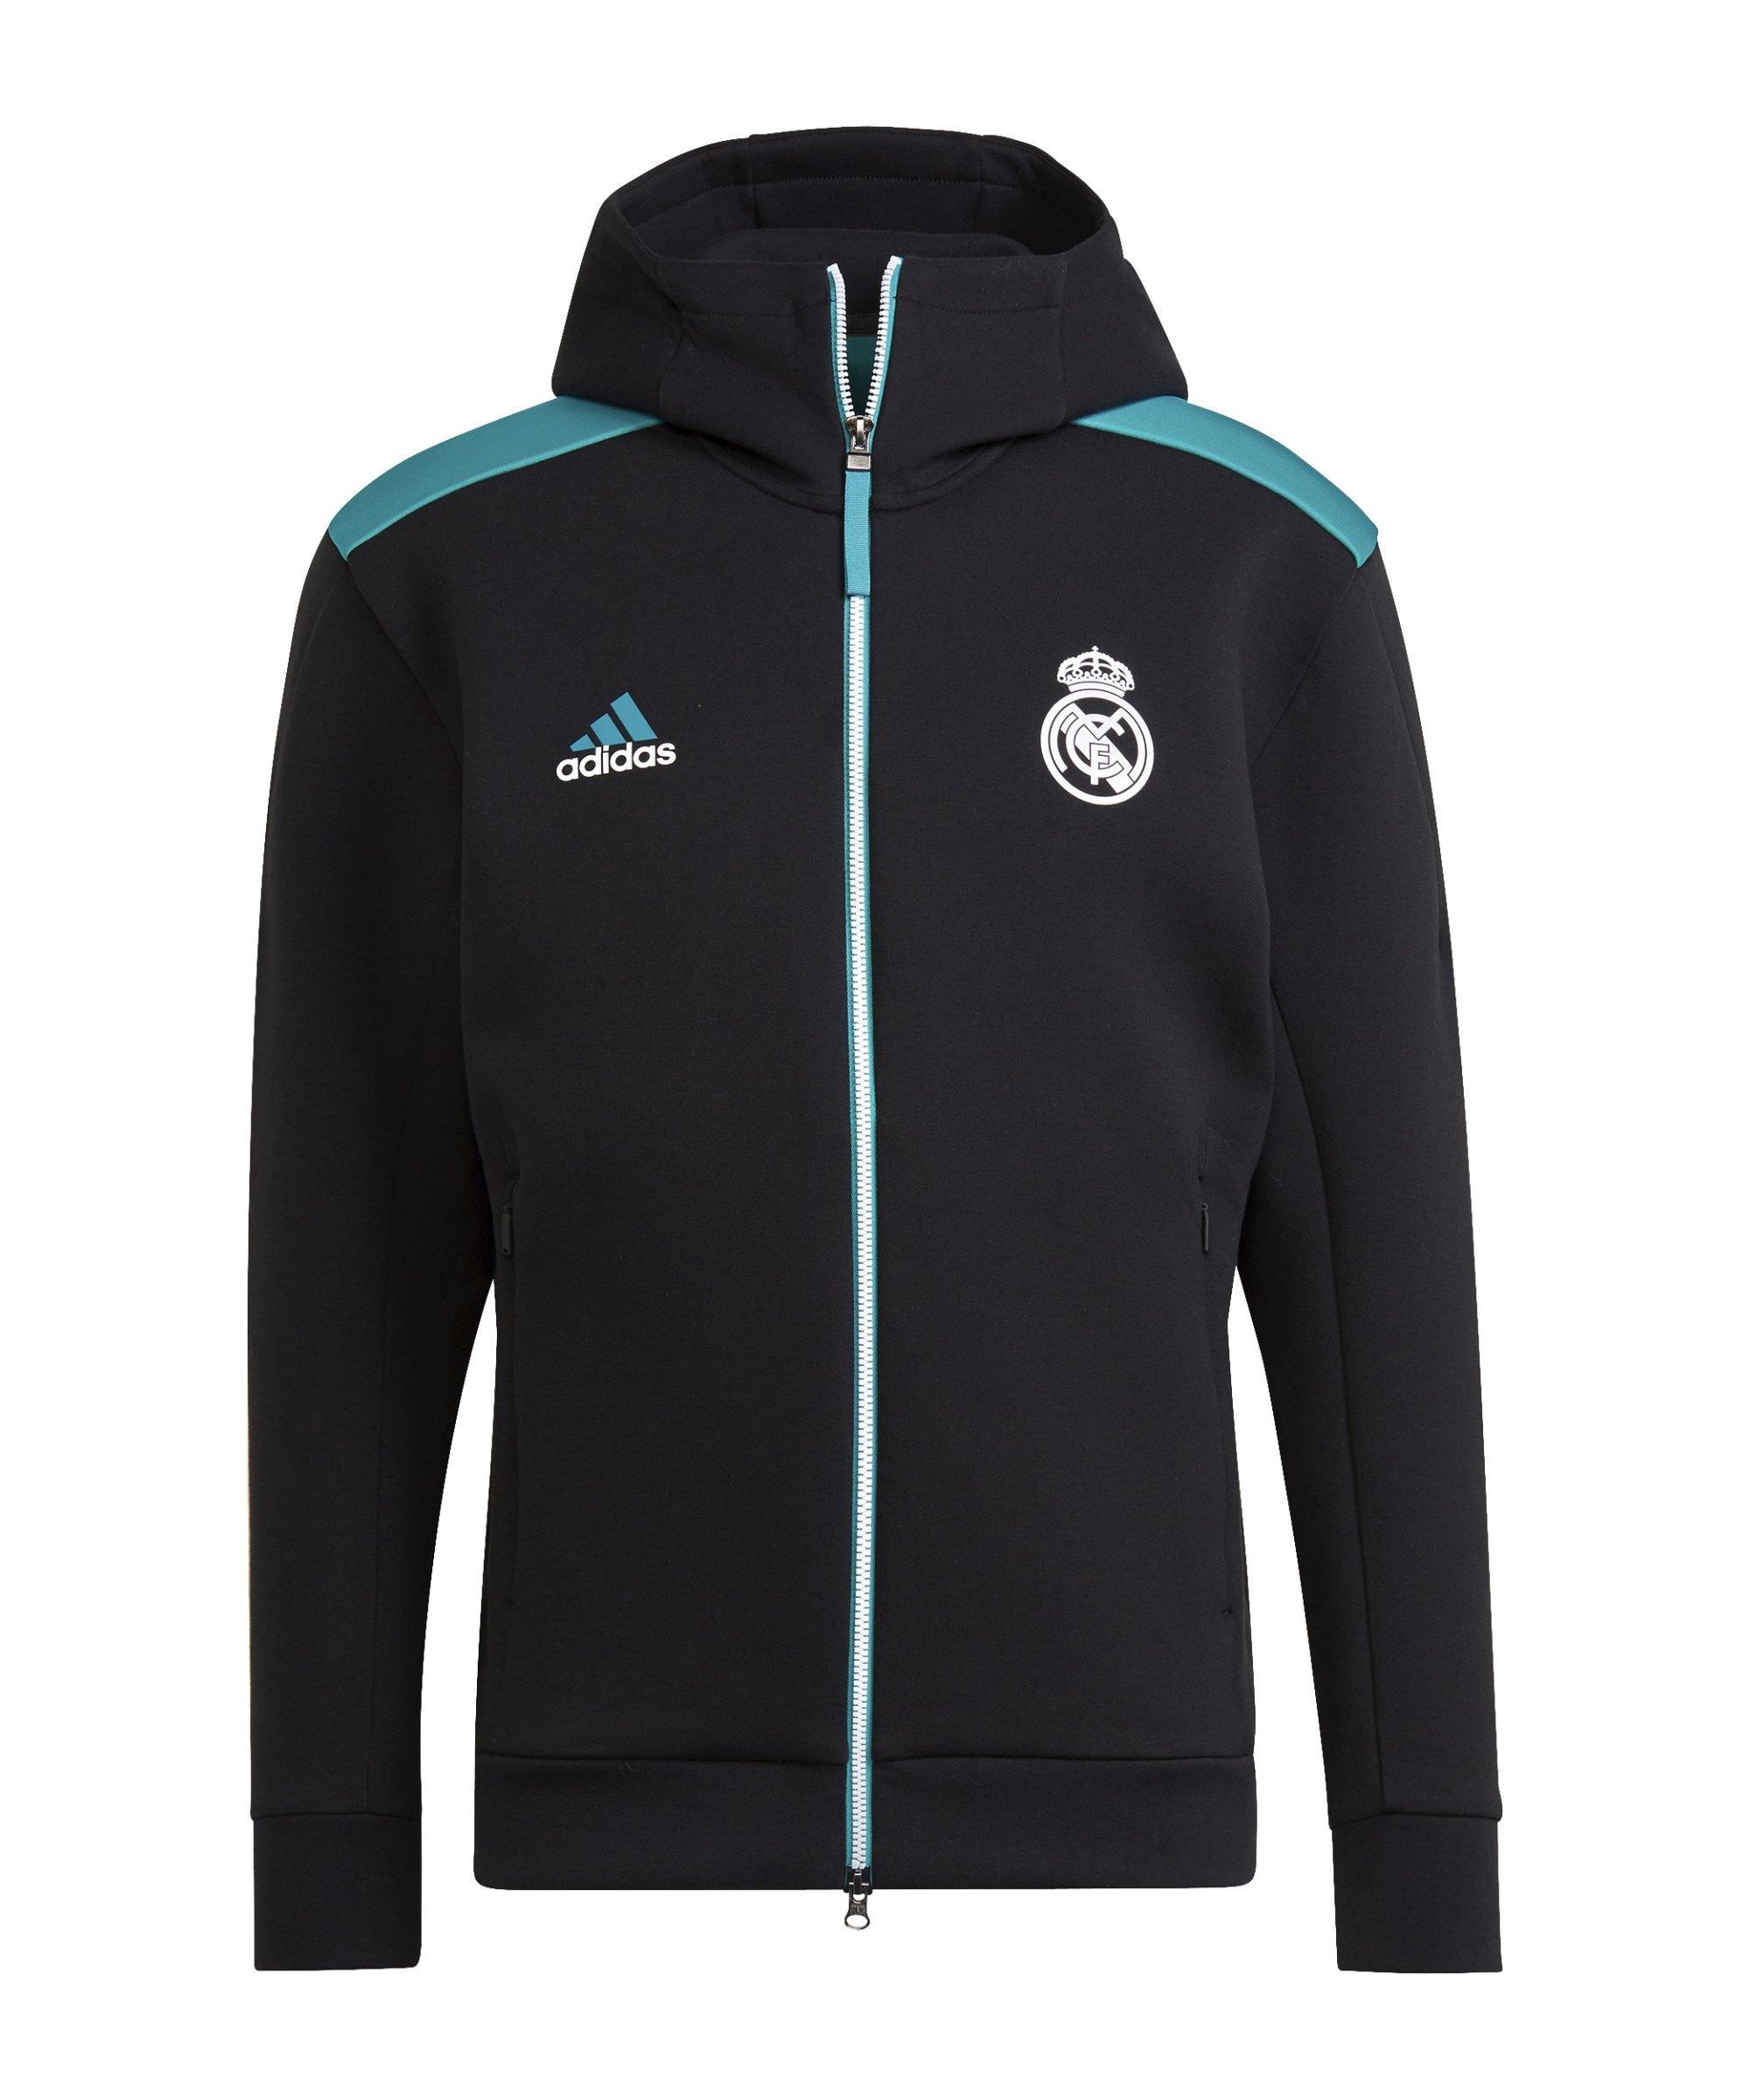 adidas Real Madrid Z.N.E. Jacke Schwarz - schwarz